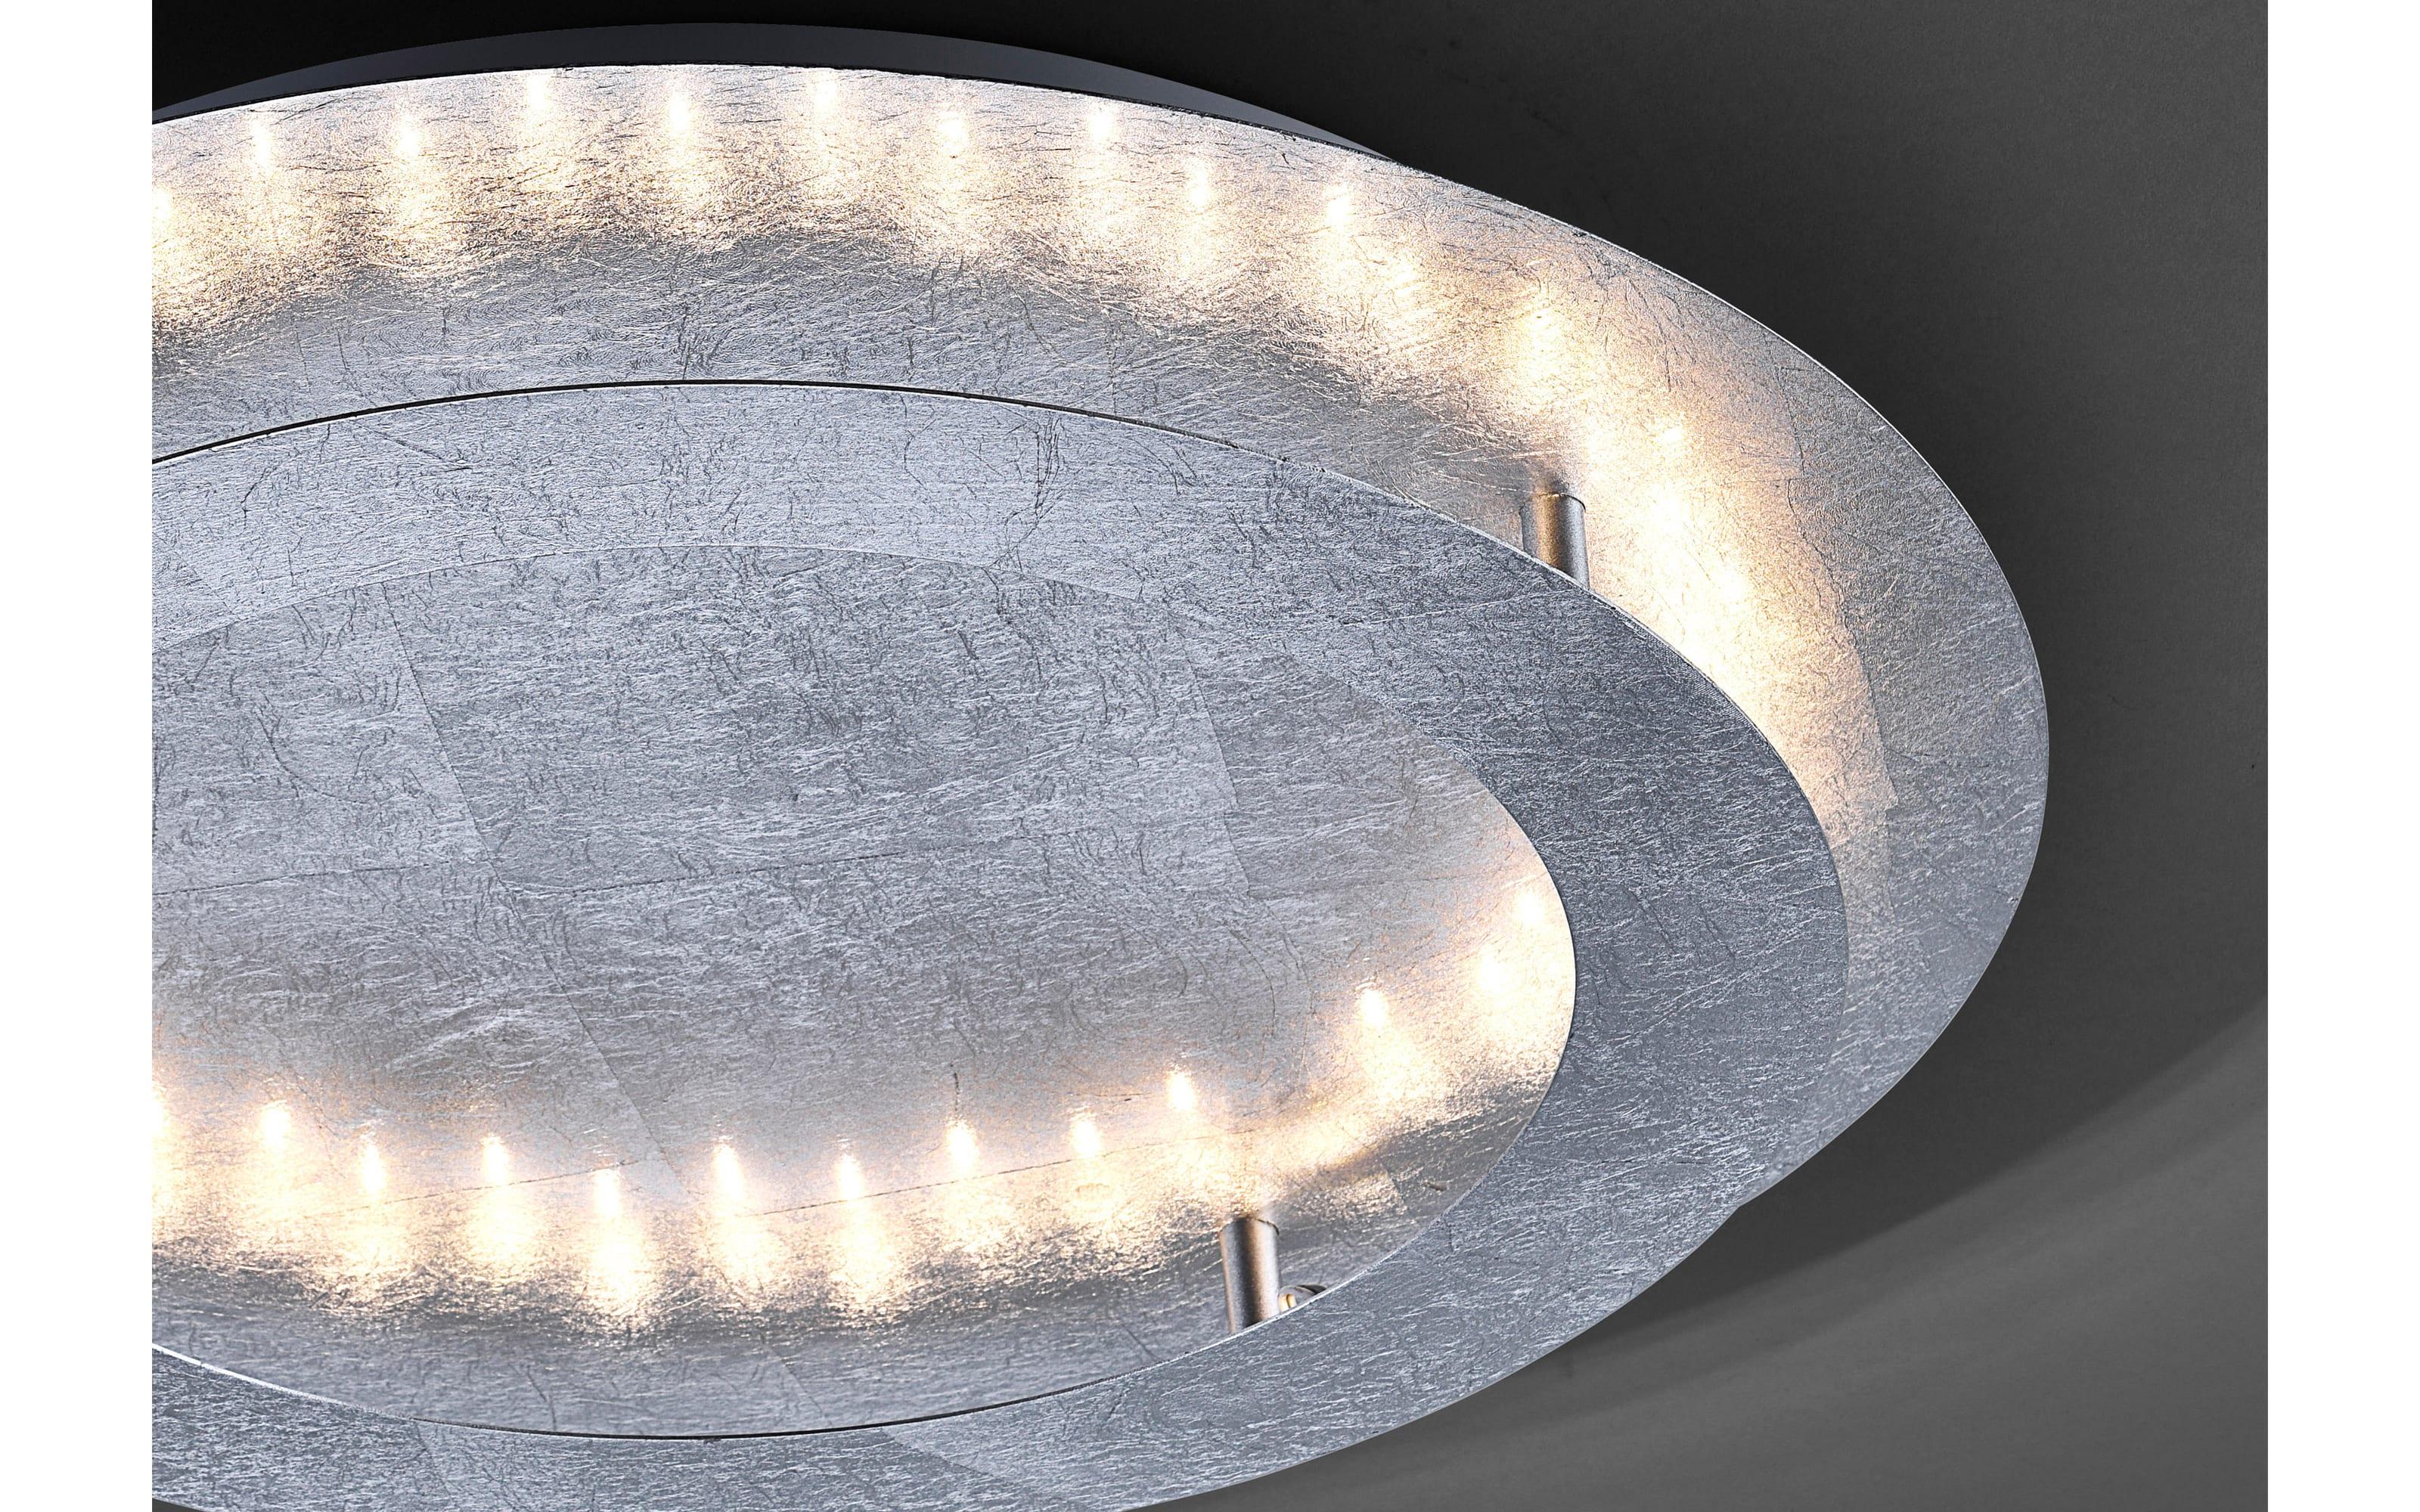 LED-Deckenleuchte Nevis in silberfarbig, 50 cm